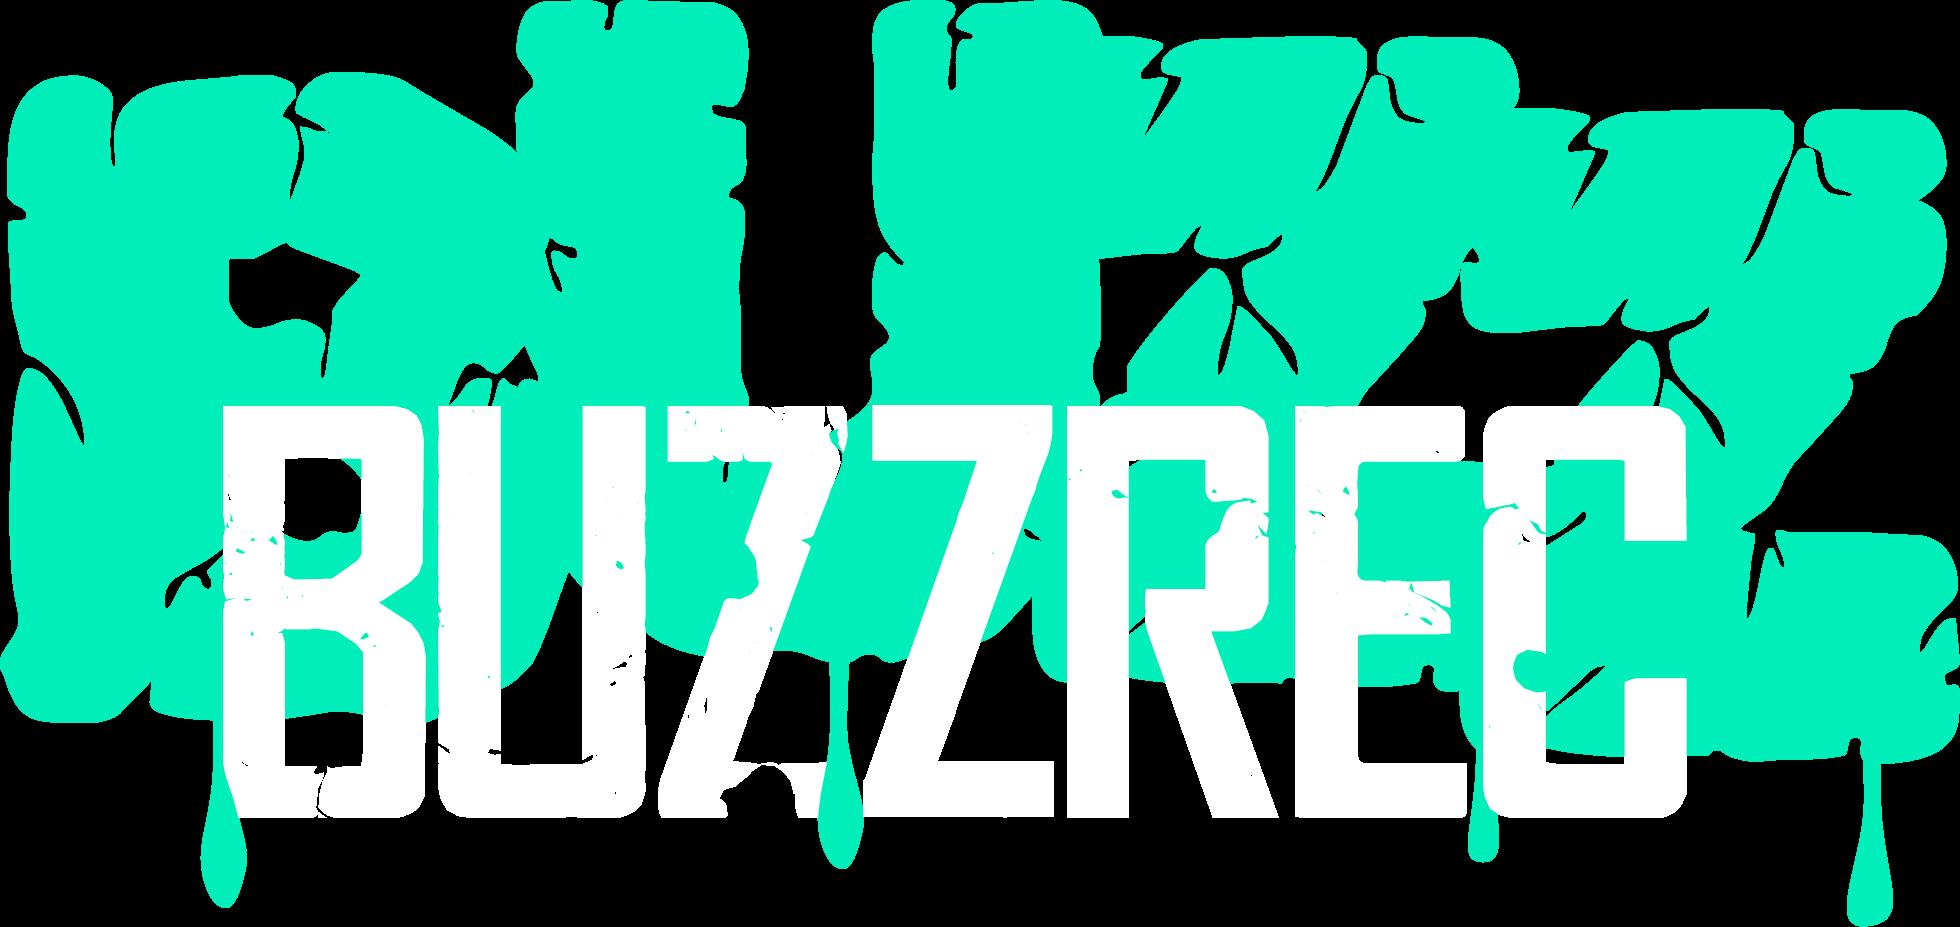 BUZZREC